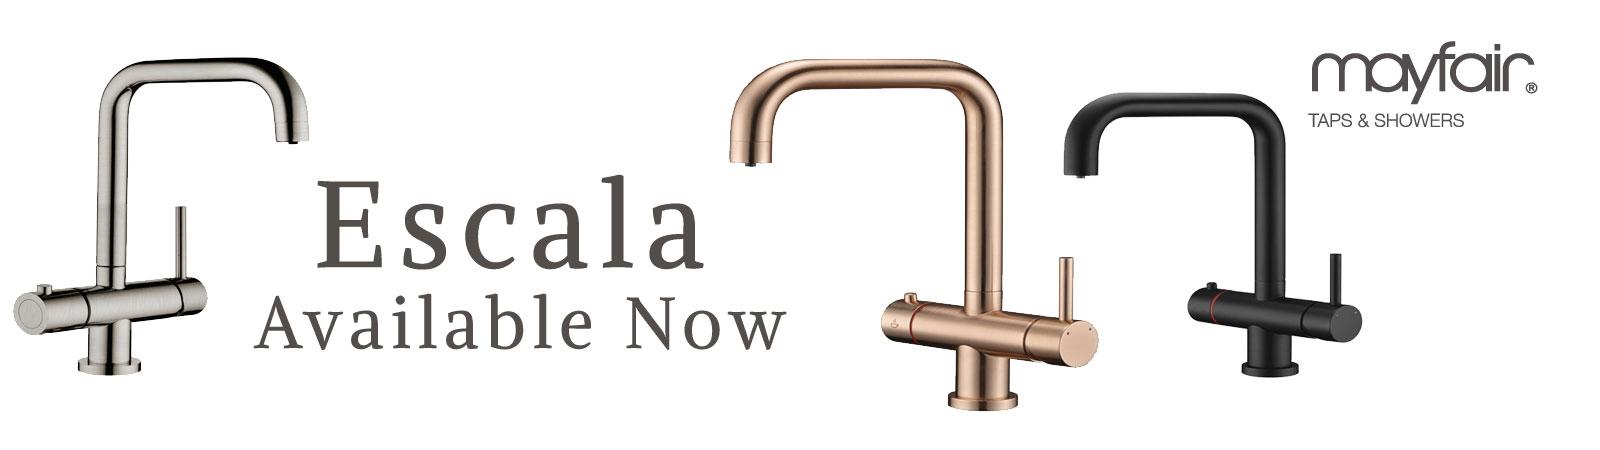 Mayfair Escala now available